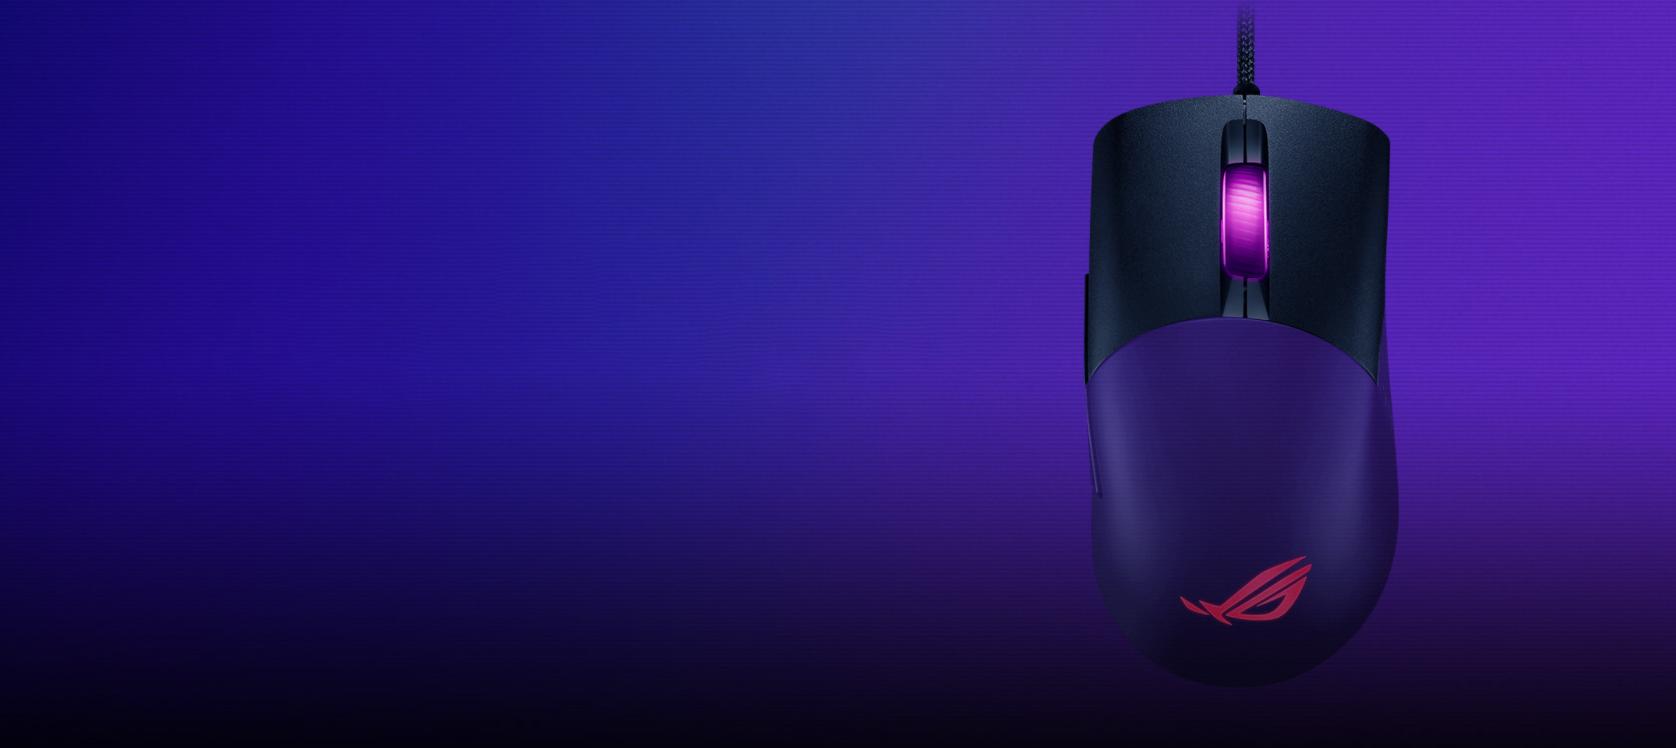 Chuột Asus ROG Keris (USB/RGB/màu đen) có thiết kế nút bấm bằng chất liệu cao cấp